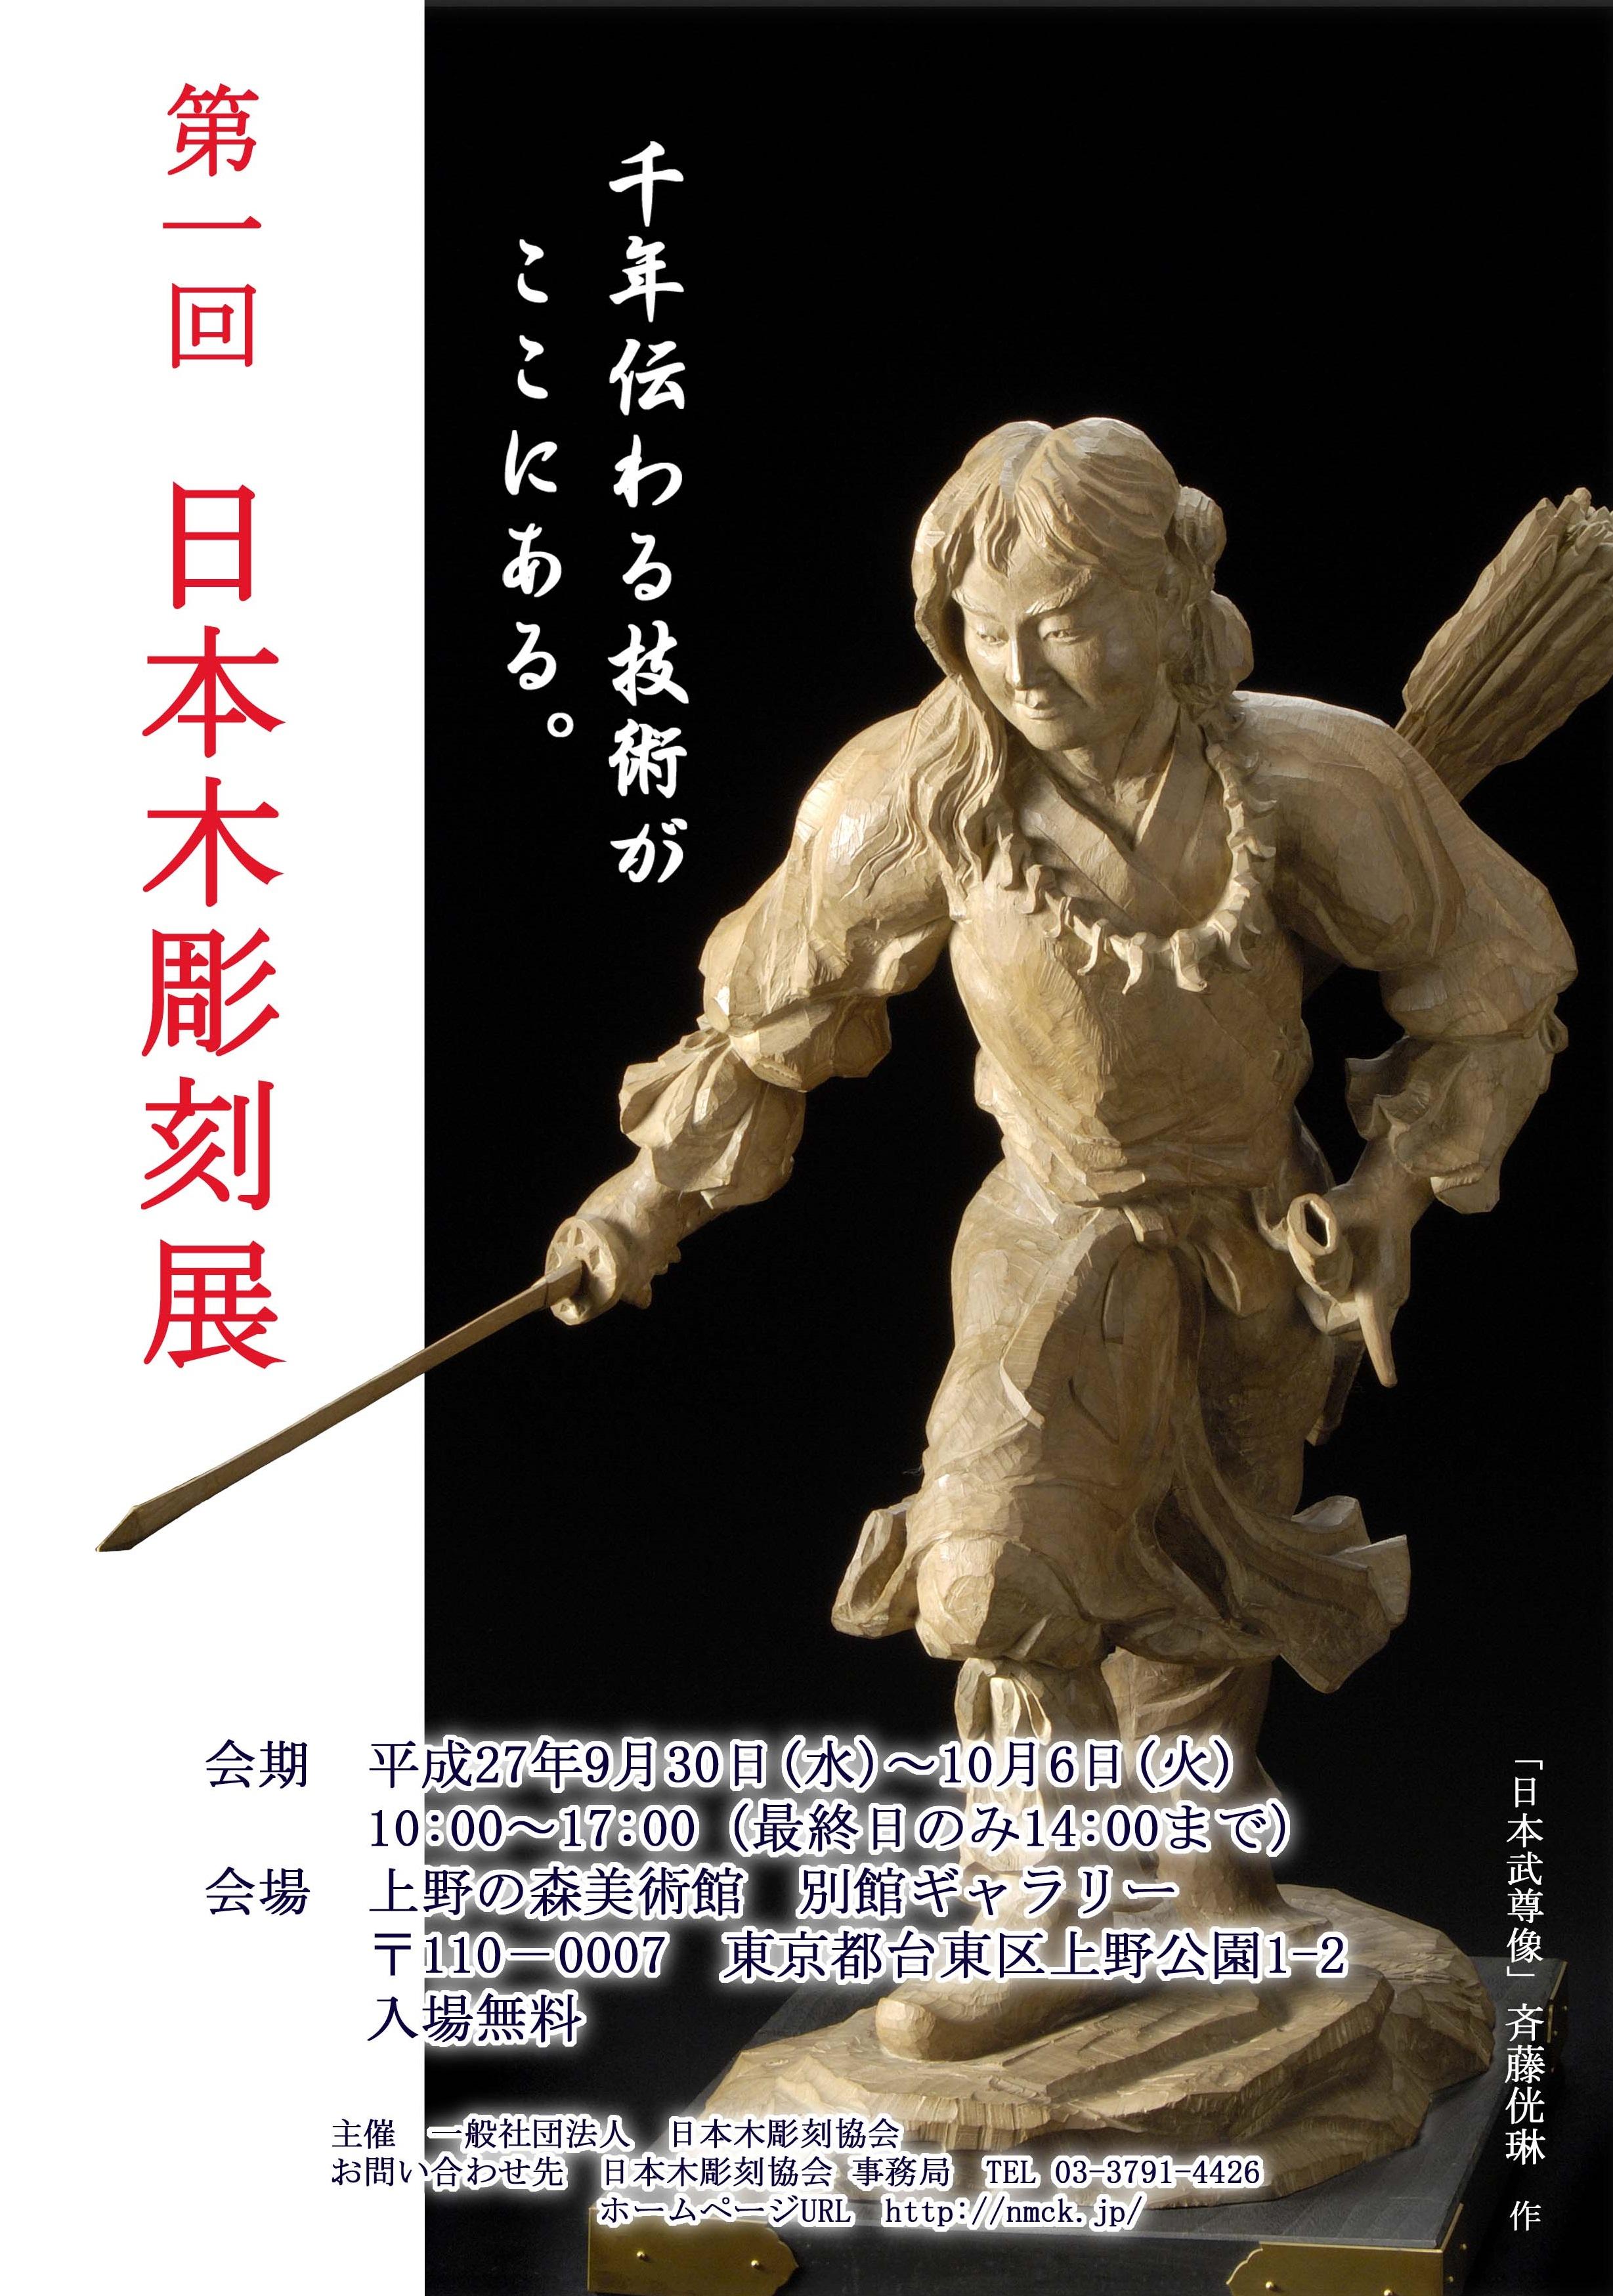 木彫刻展チラシ印刷余白有りのコピー